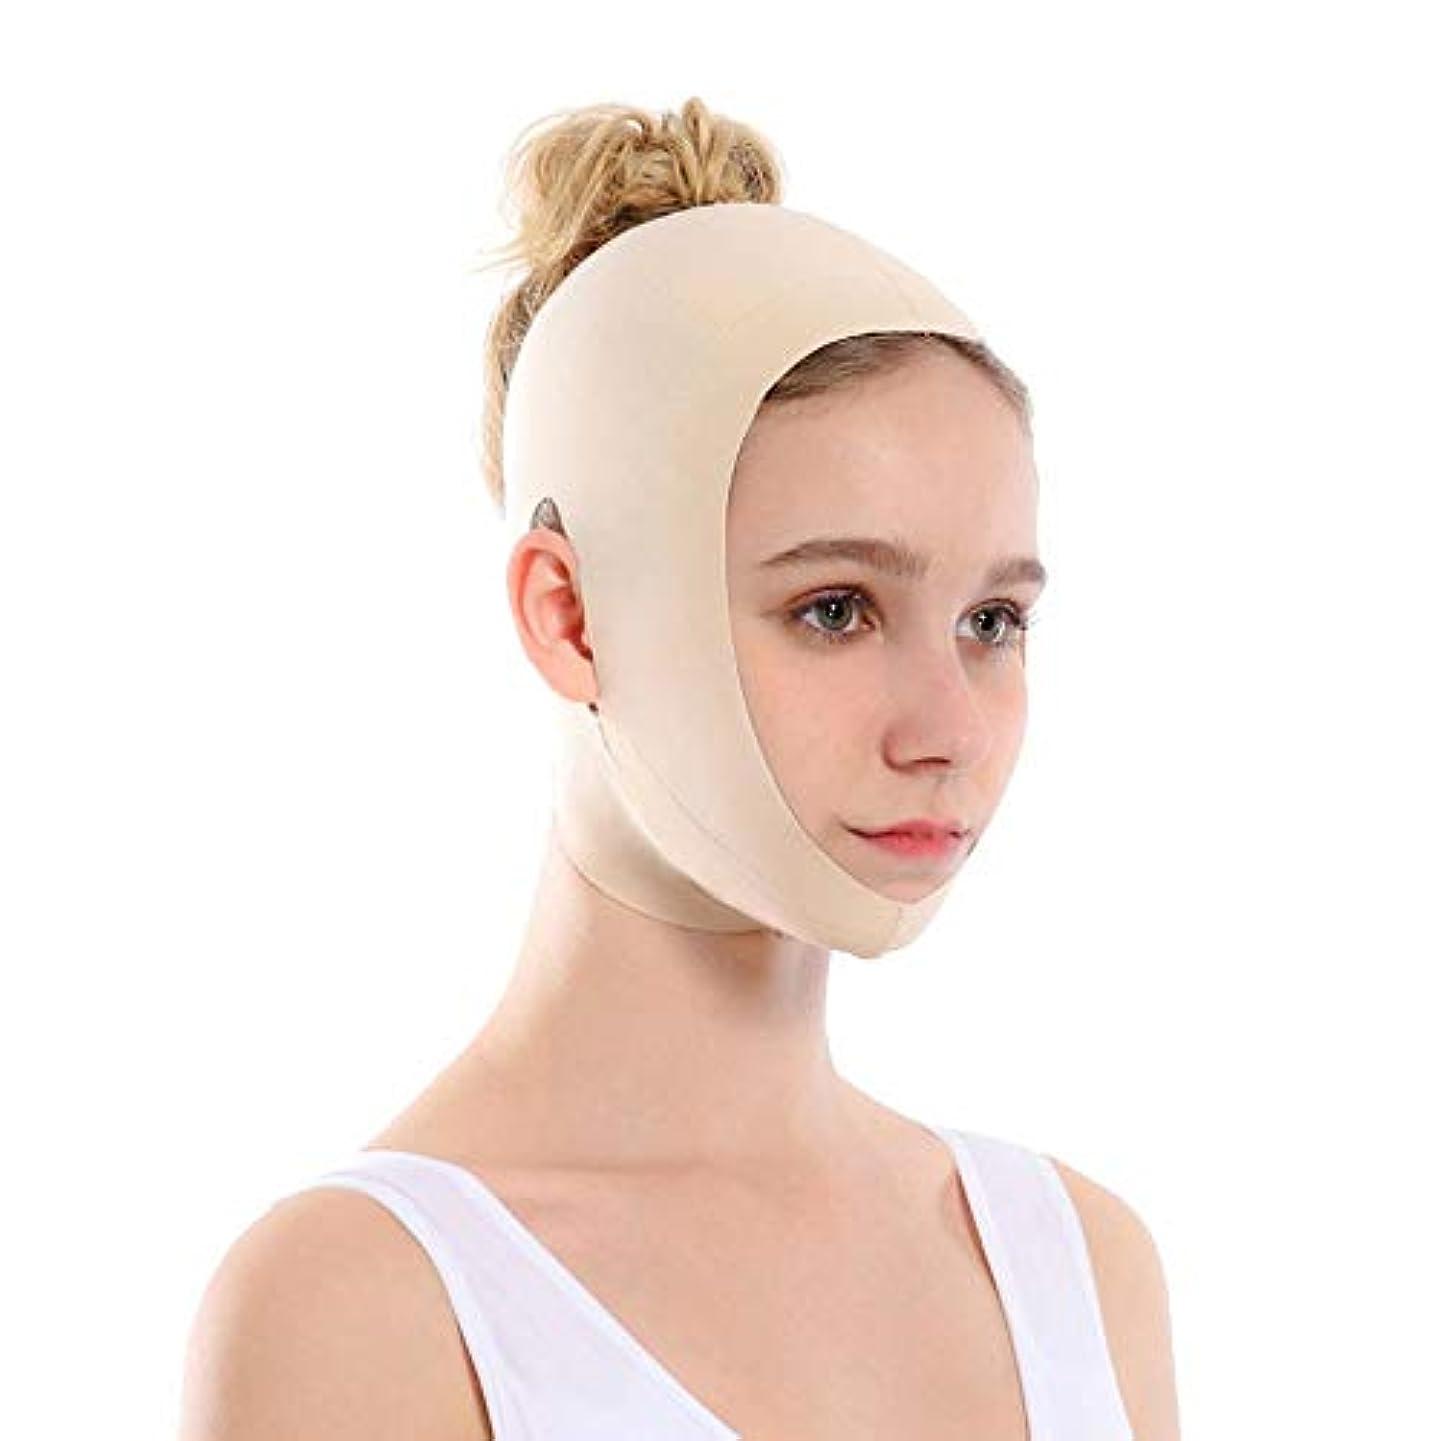 修羅場軽量扇動Jia Jia- 顔を持ち上げるアーティファクトVフェイス包帯リフティング引き締め睡眠薄い顔を整形持ち上げる顔を二重あご矯正 - 肌の色 顔面包帯